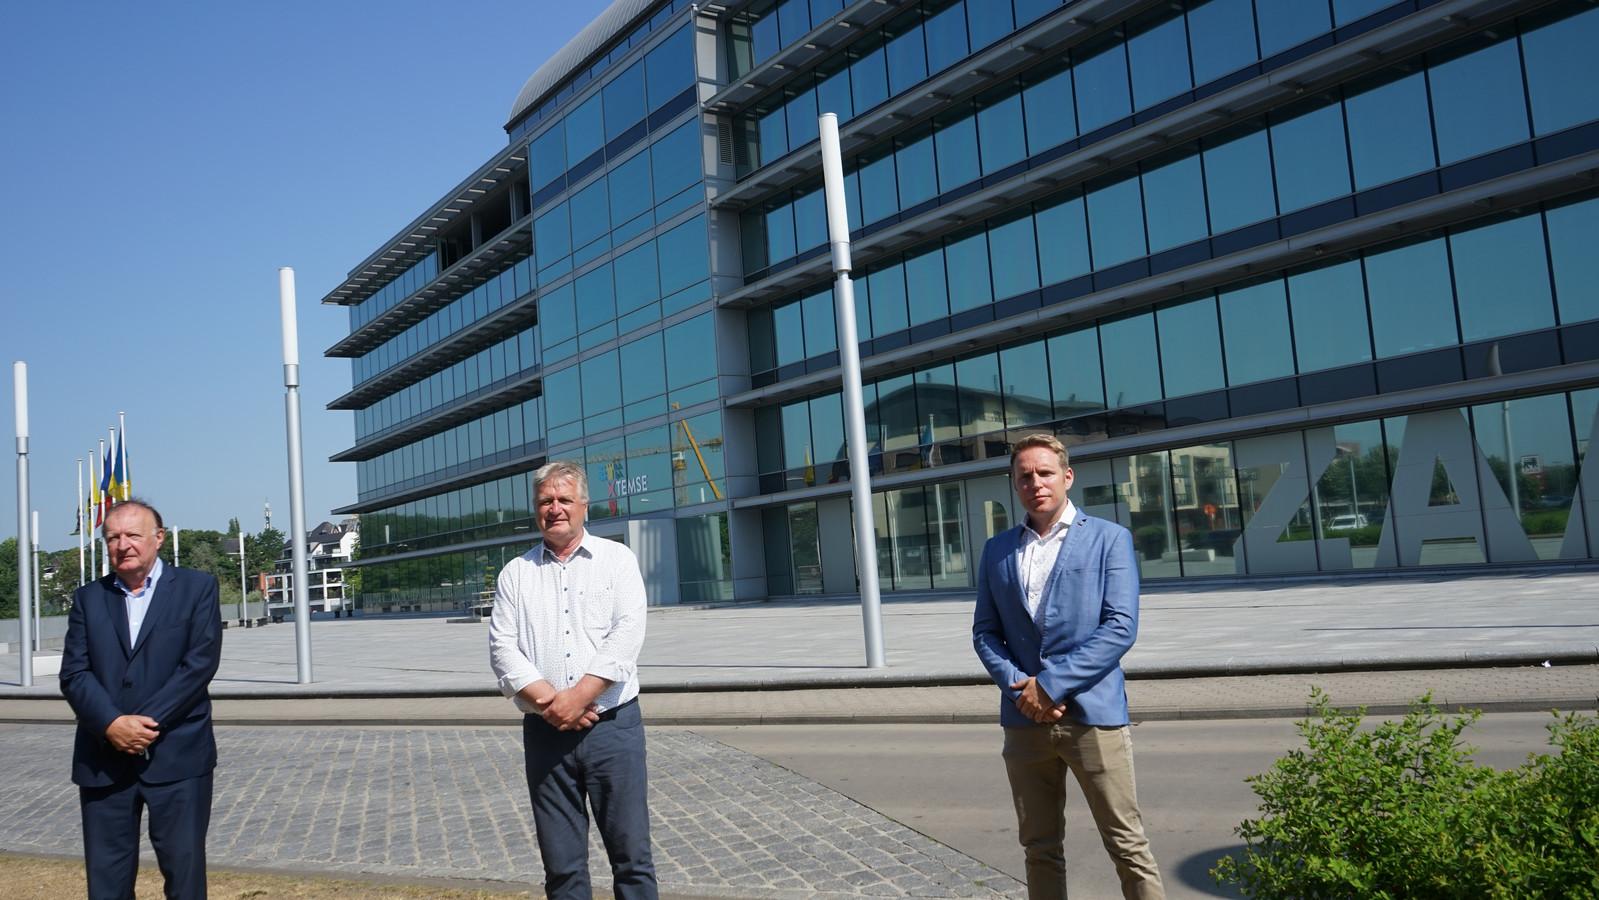 Luc Michiels, CEO van Umisol, schepen Hugo Maes en installateur Stijn Sillis bij AC De Zaat. Alle glaspartijen langs de zuid- en oostkant kregen een speciale folie.